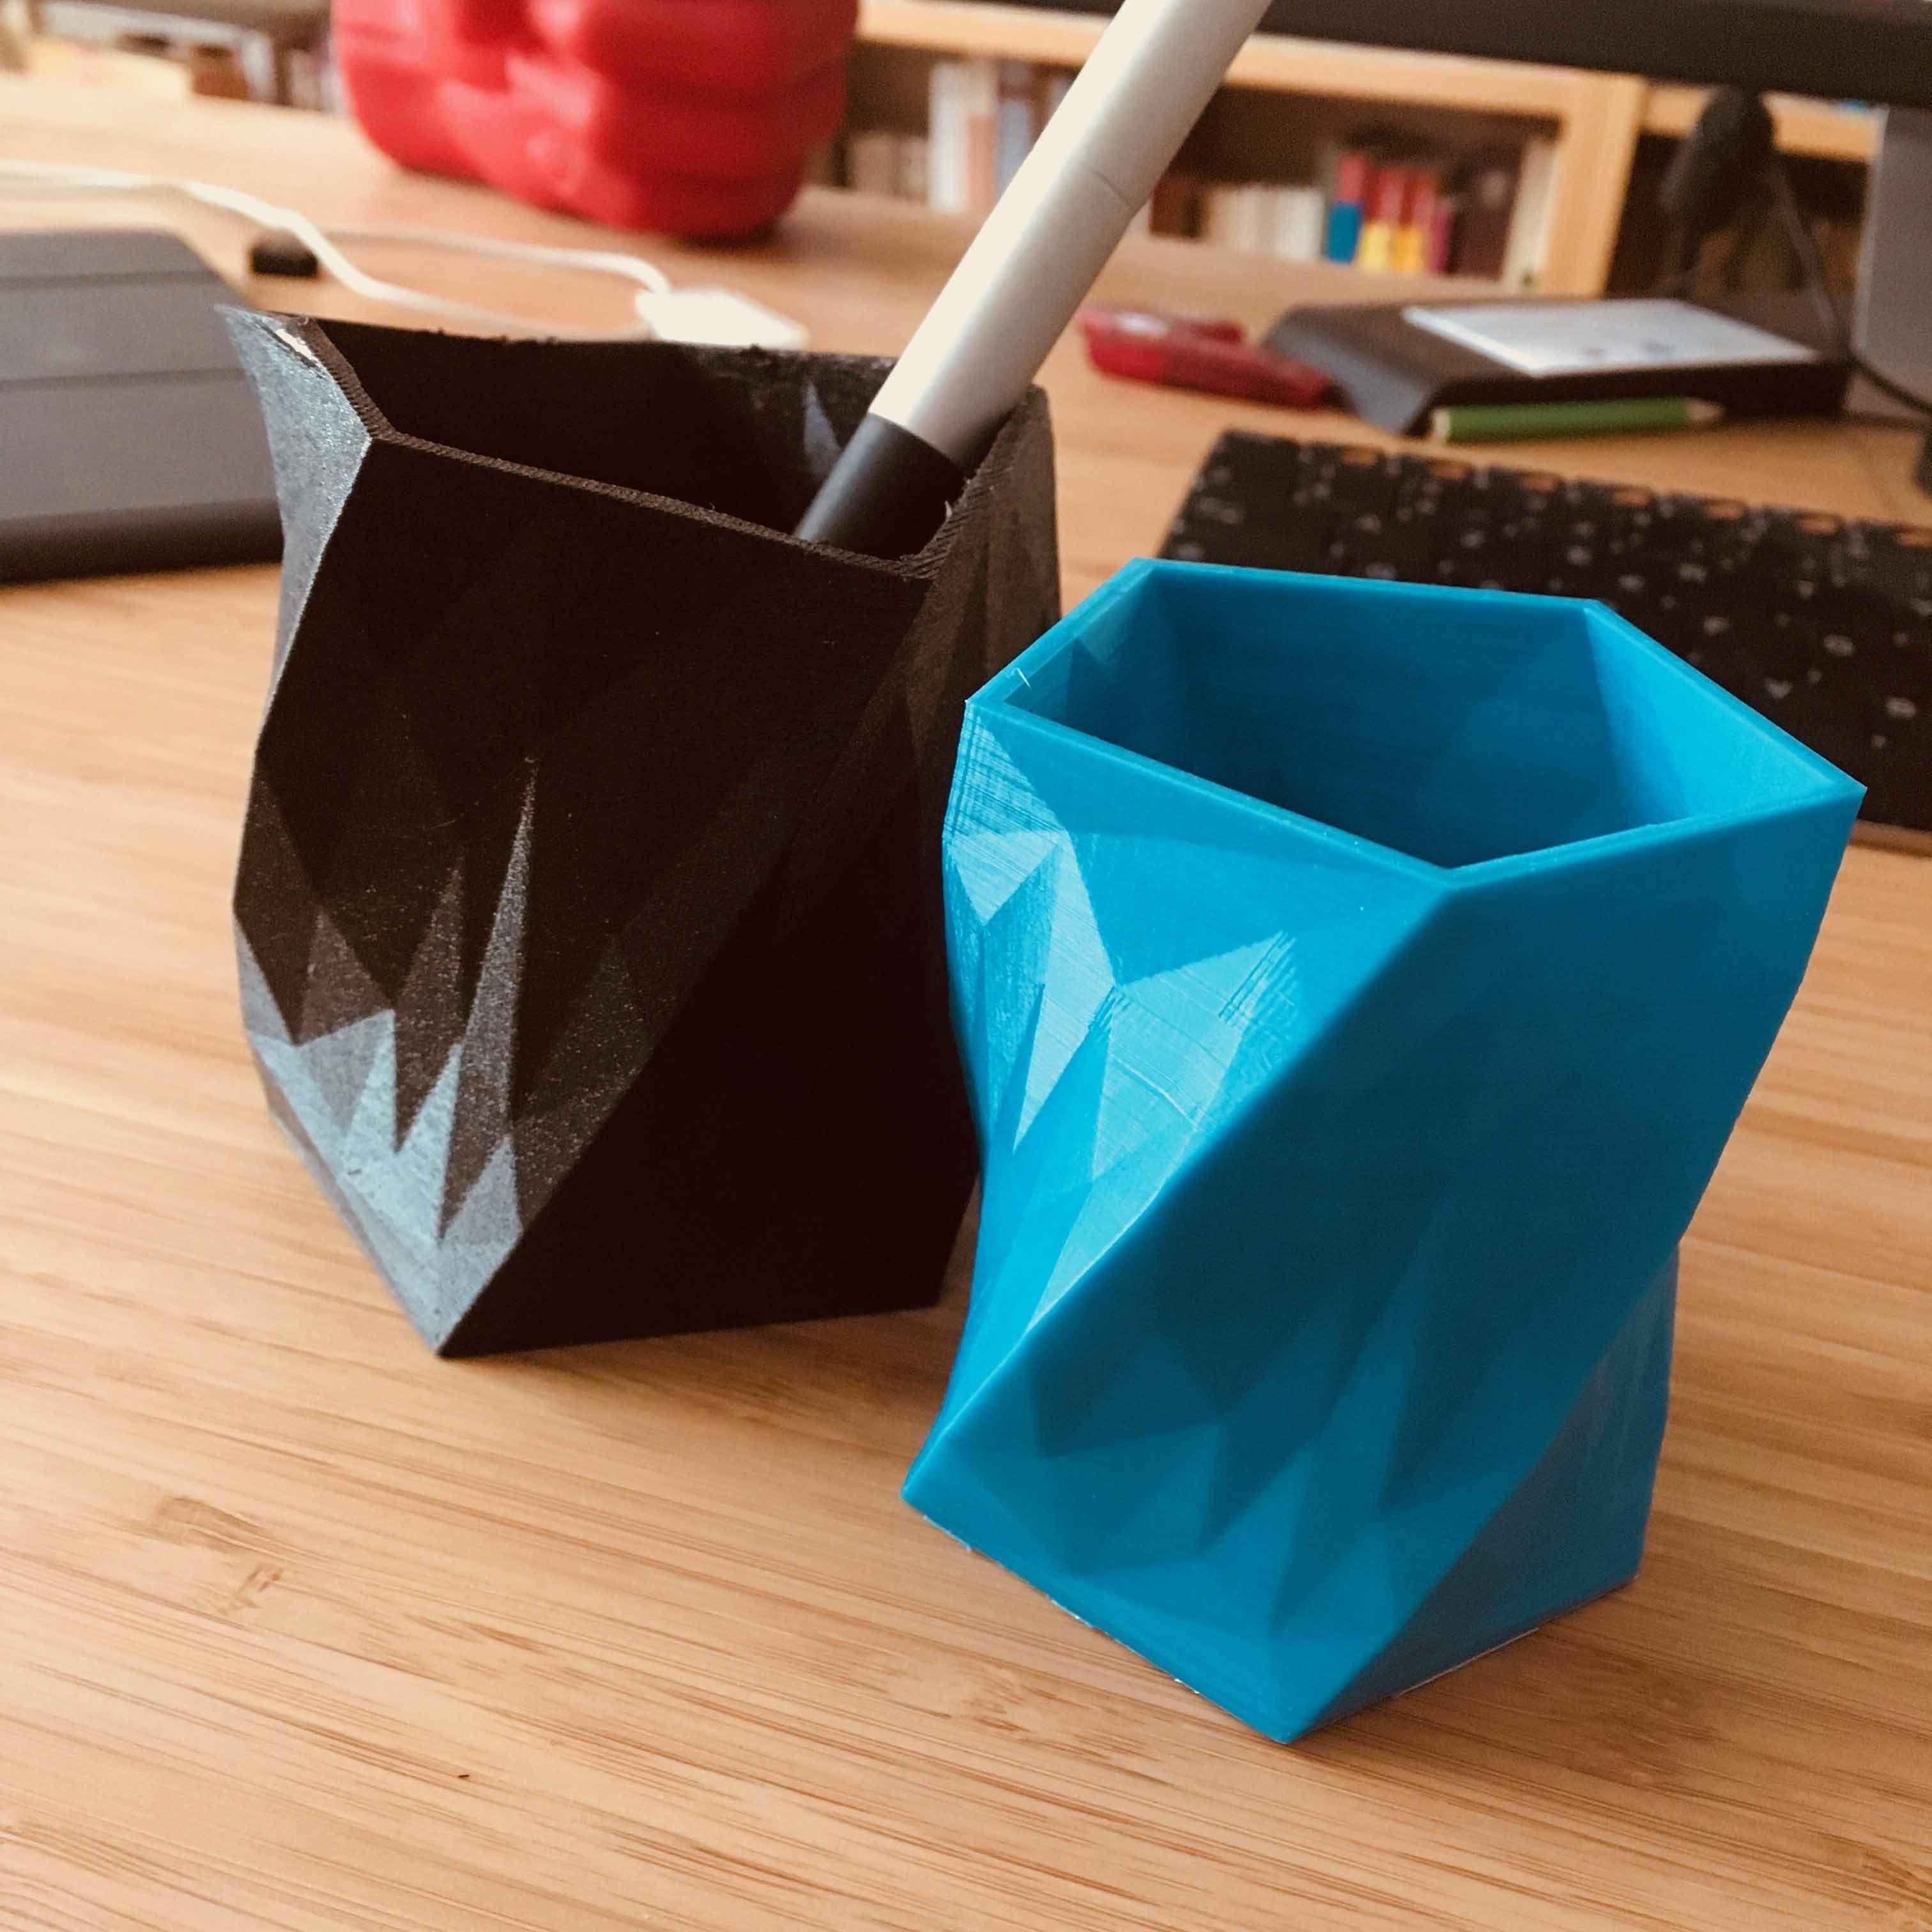 IMG_2972.jpg Download free STL file Pencil jar or vase? • 3D print object, KernelDesign